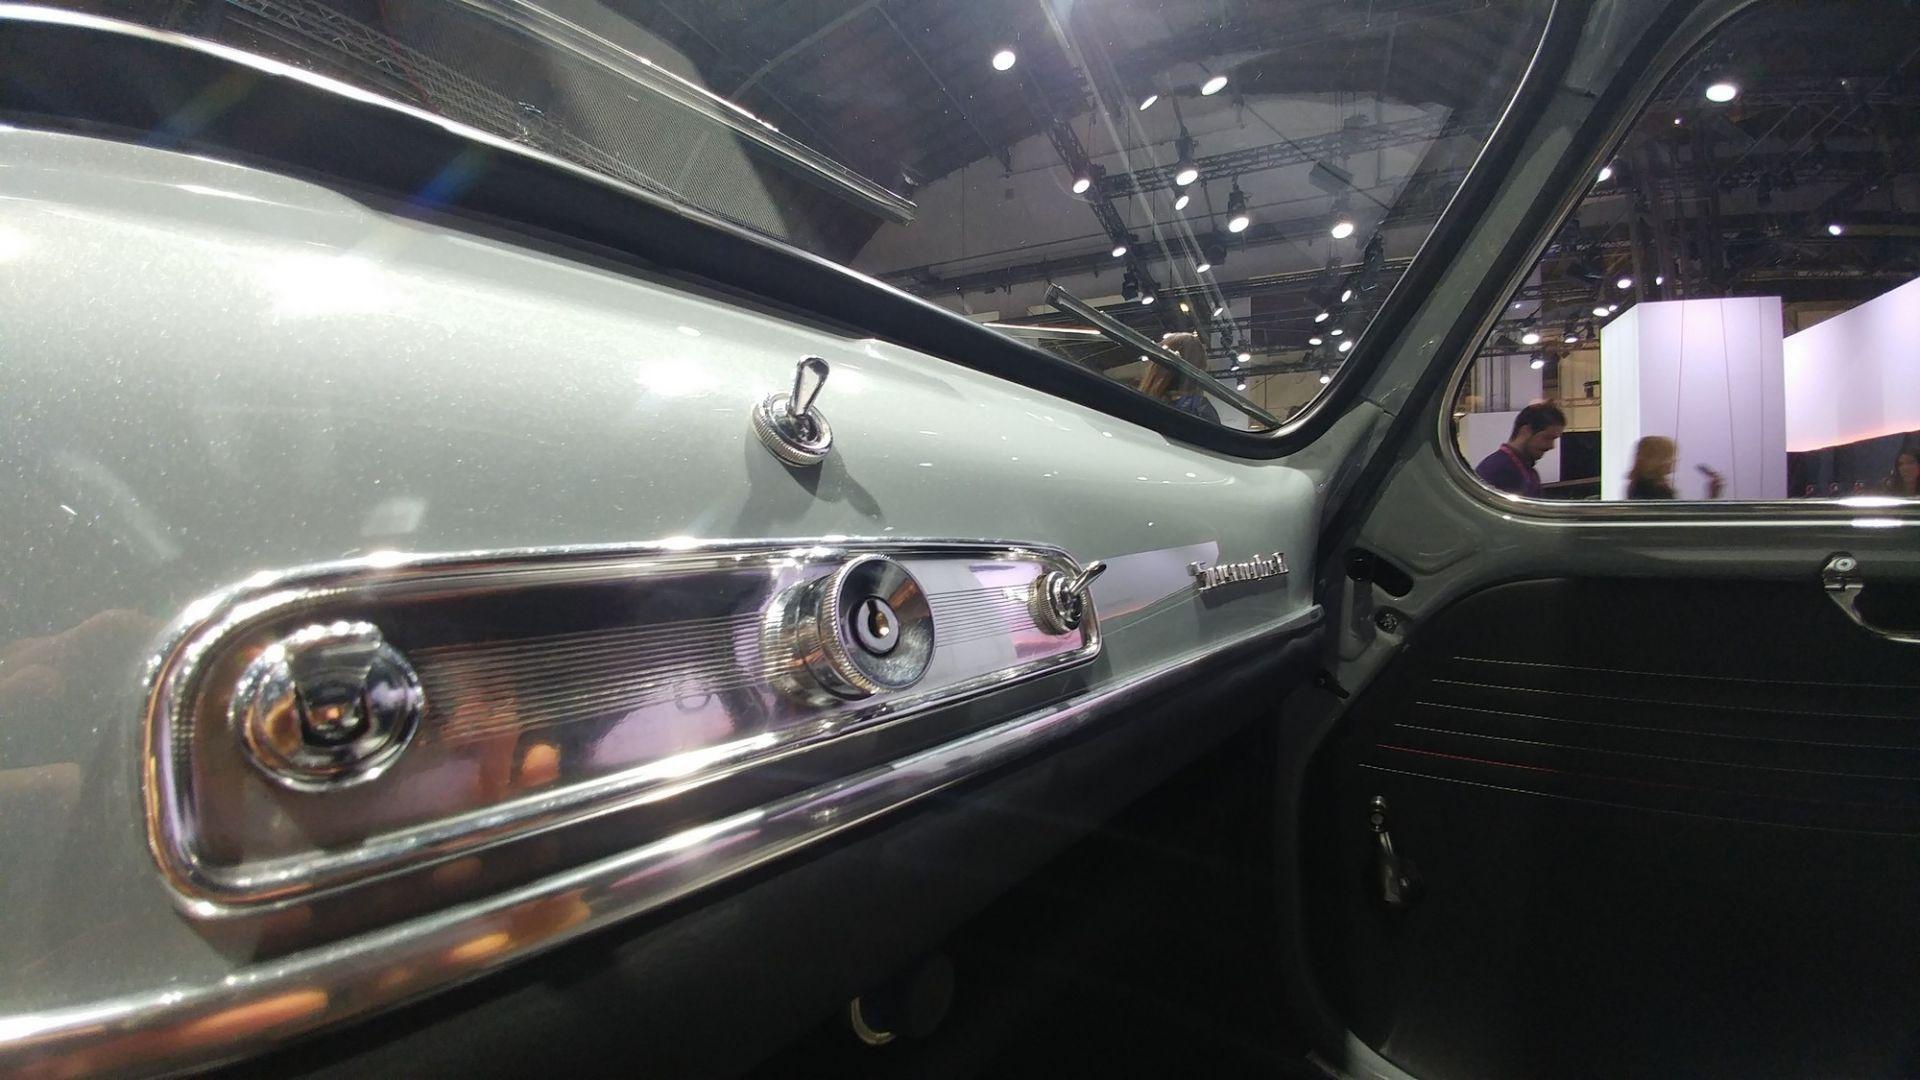 Vecchie auto con componenti moderne 568131-16x9-lg